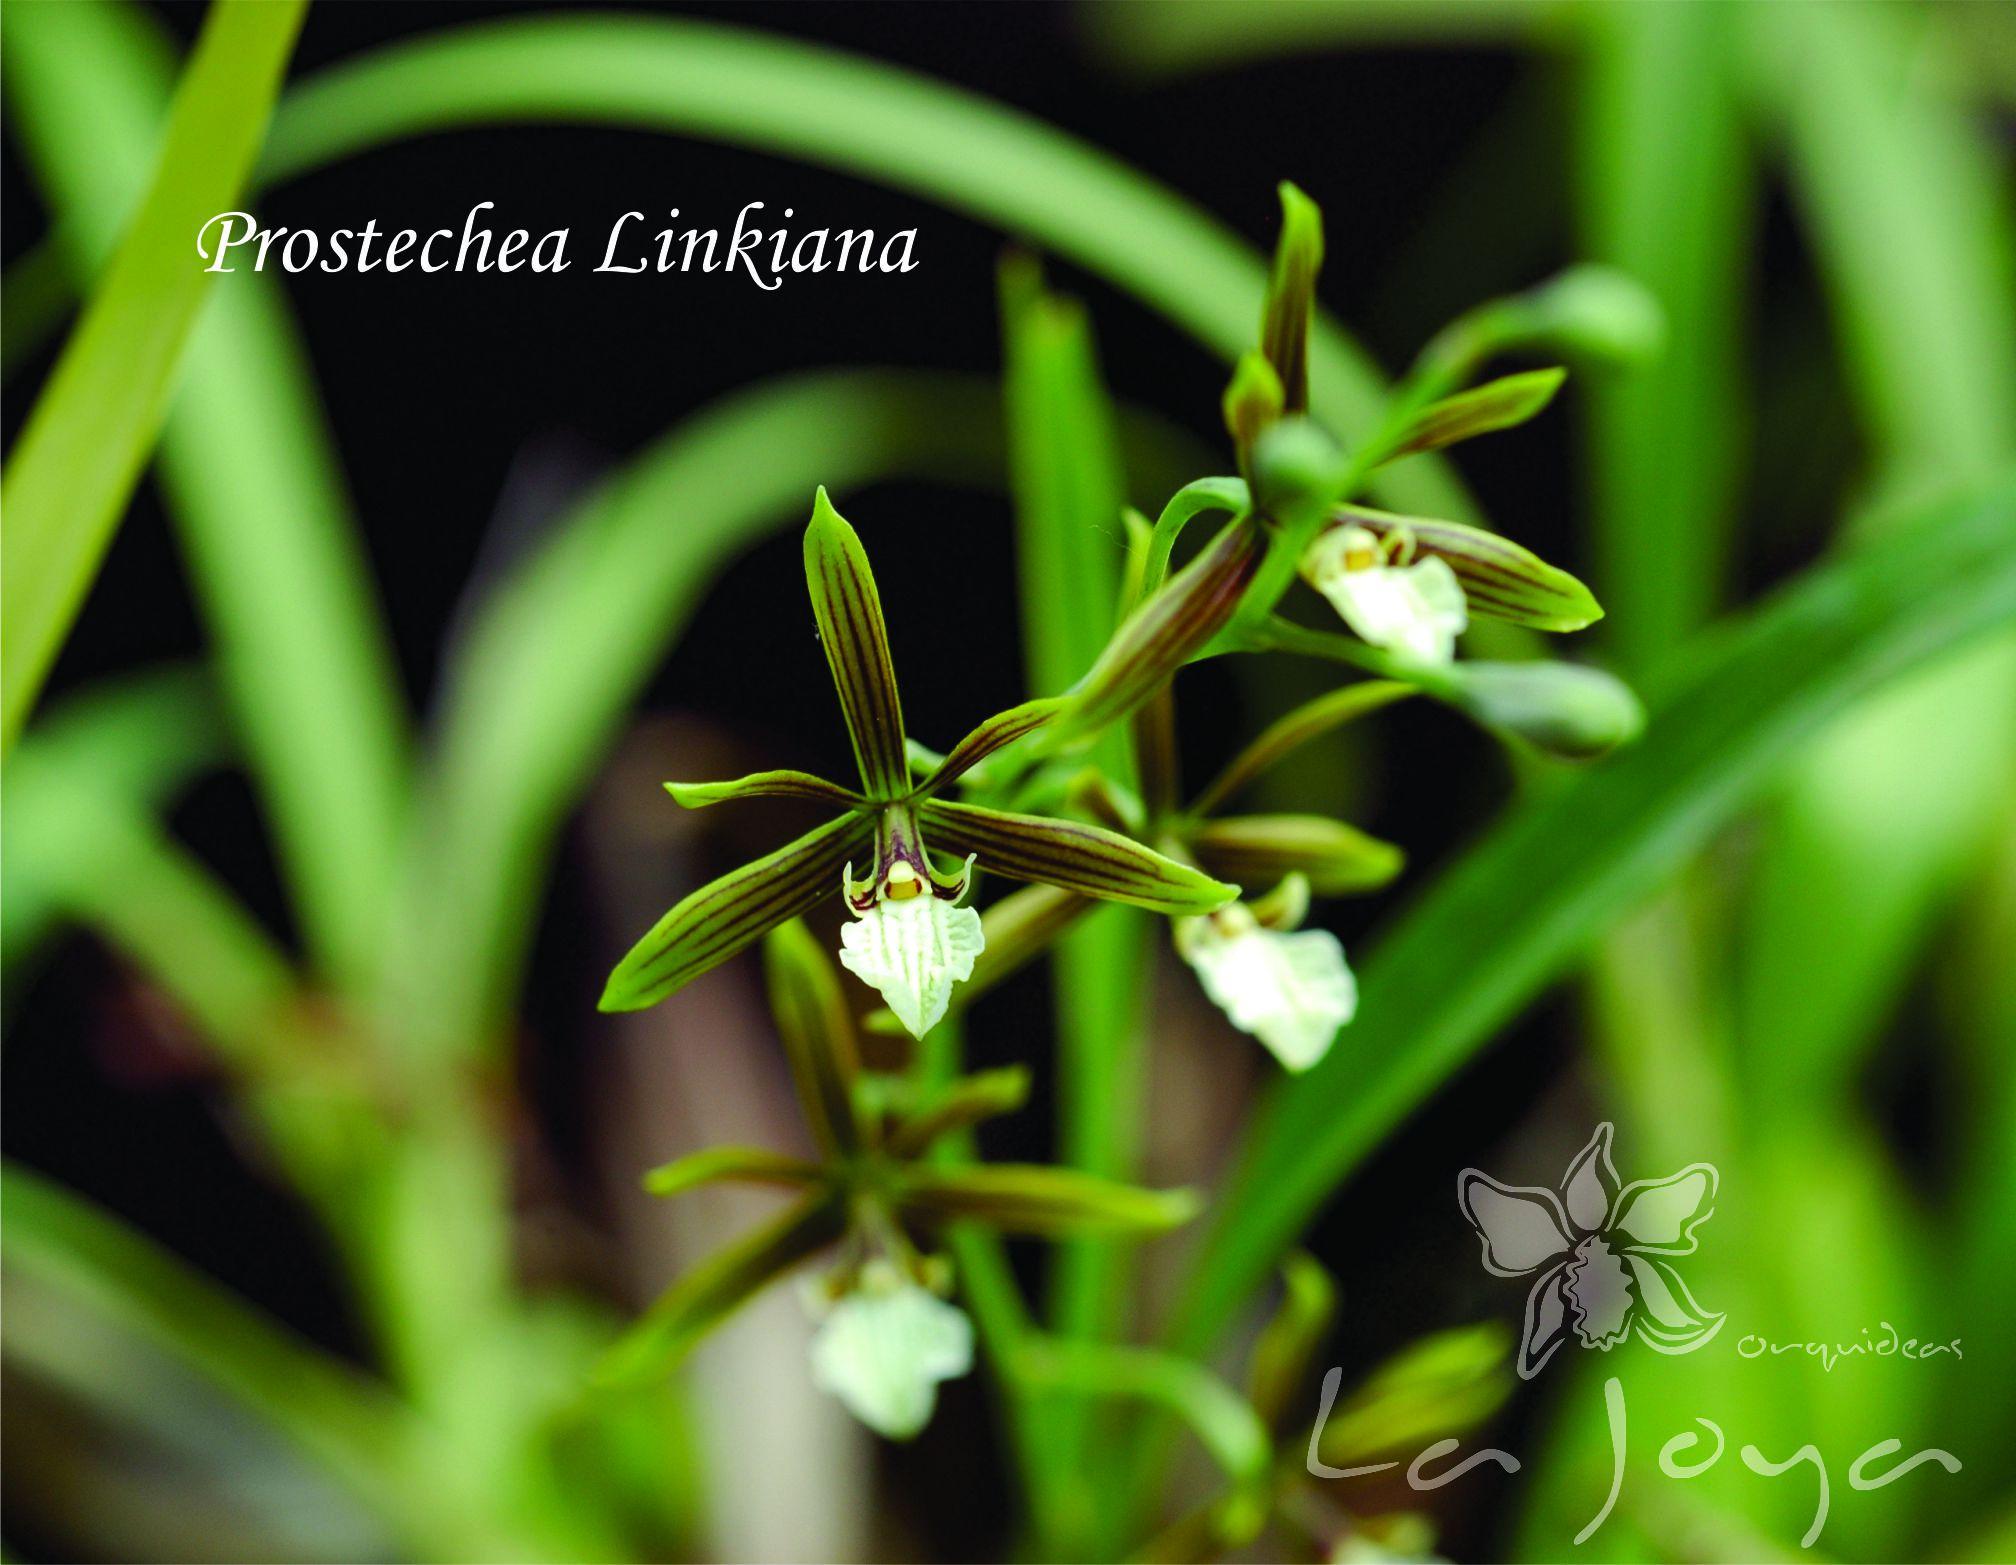 Prostechea Linkiana